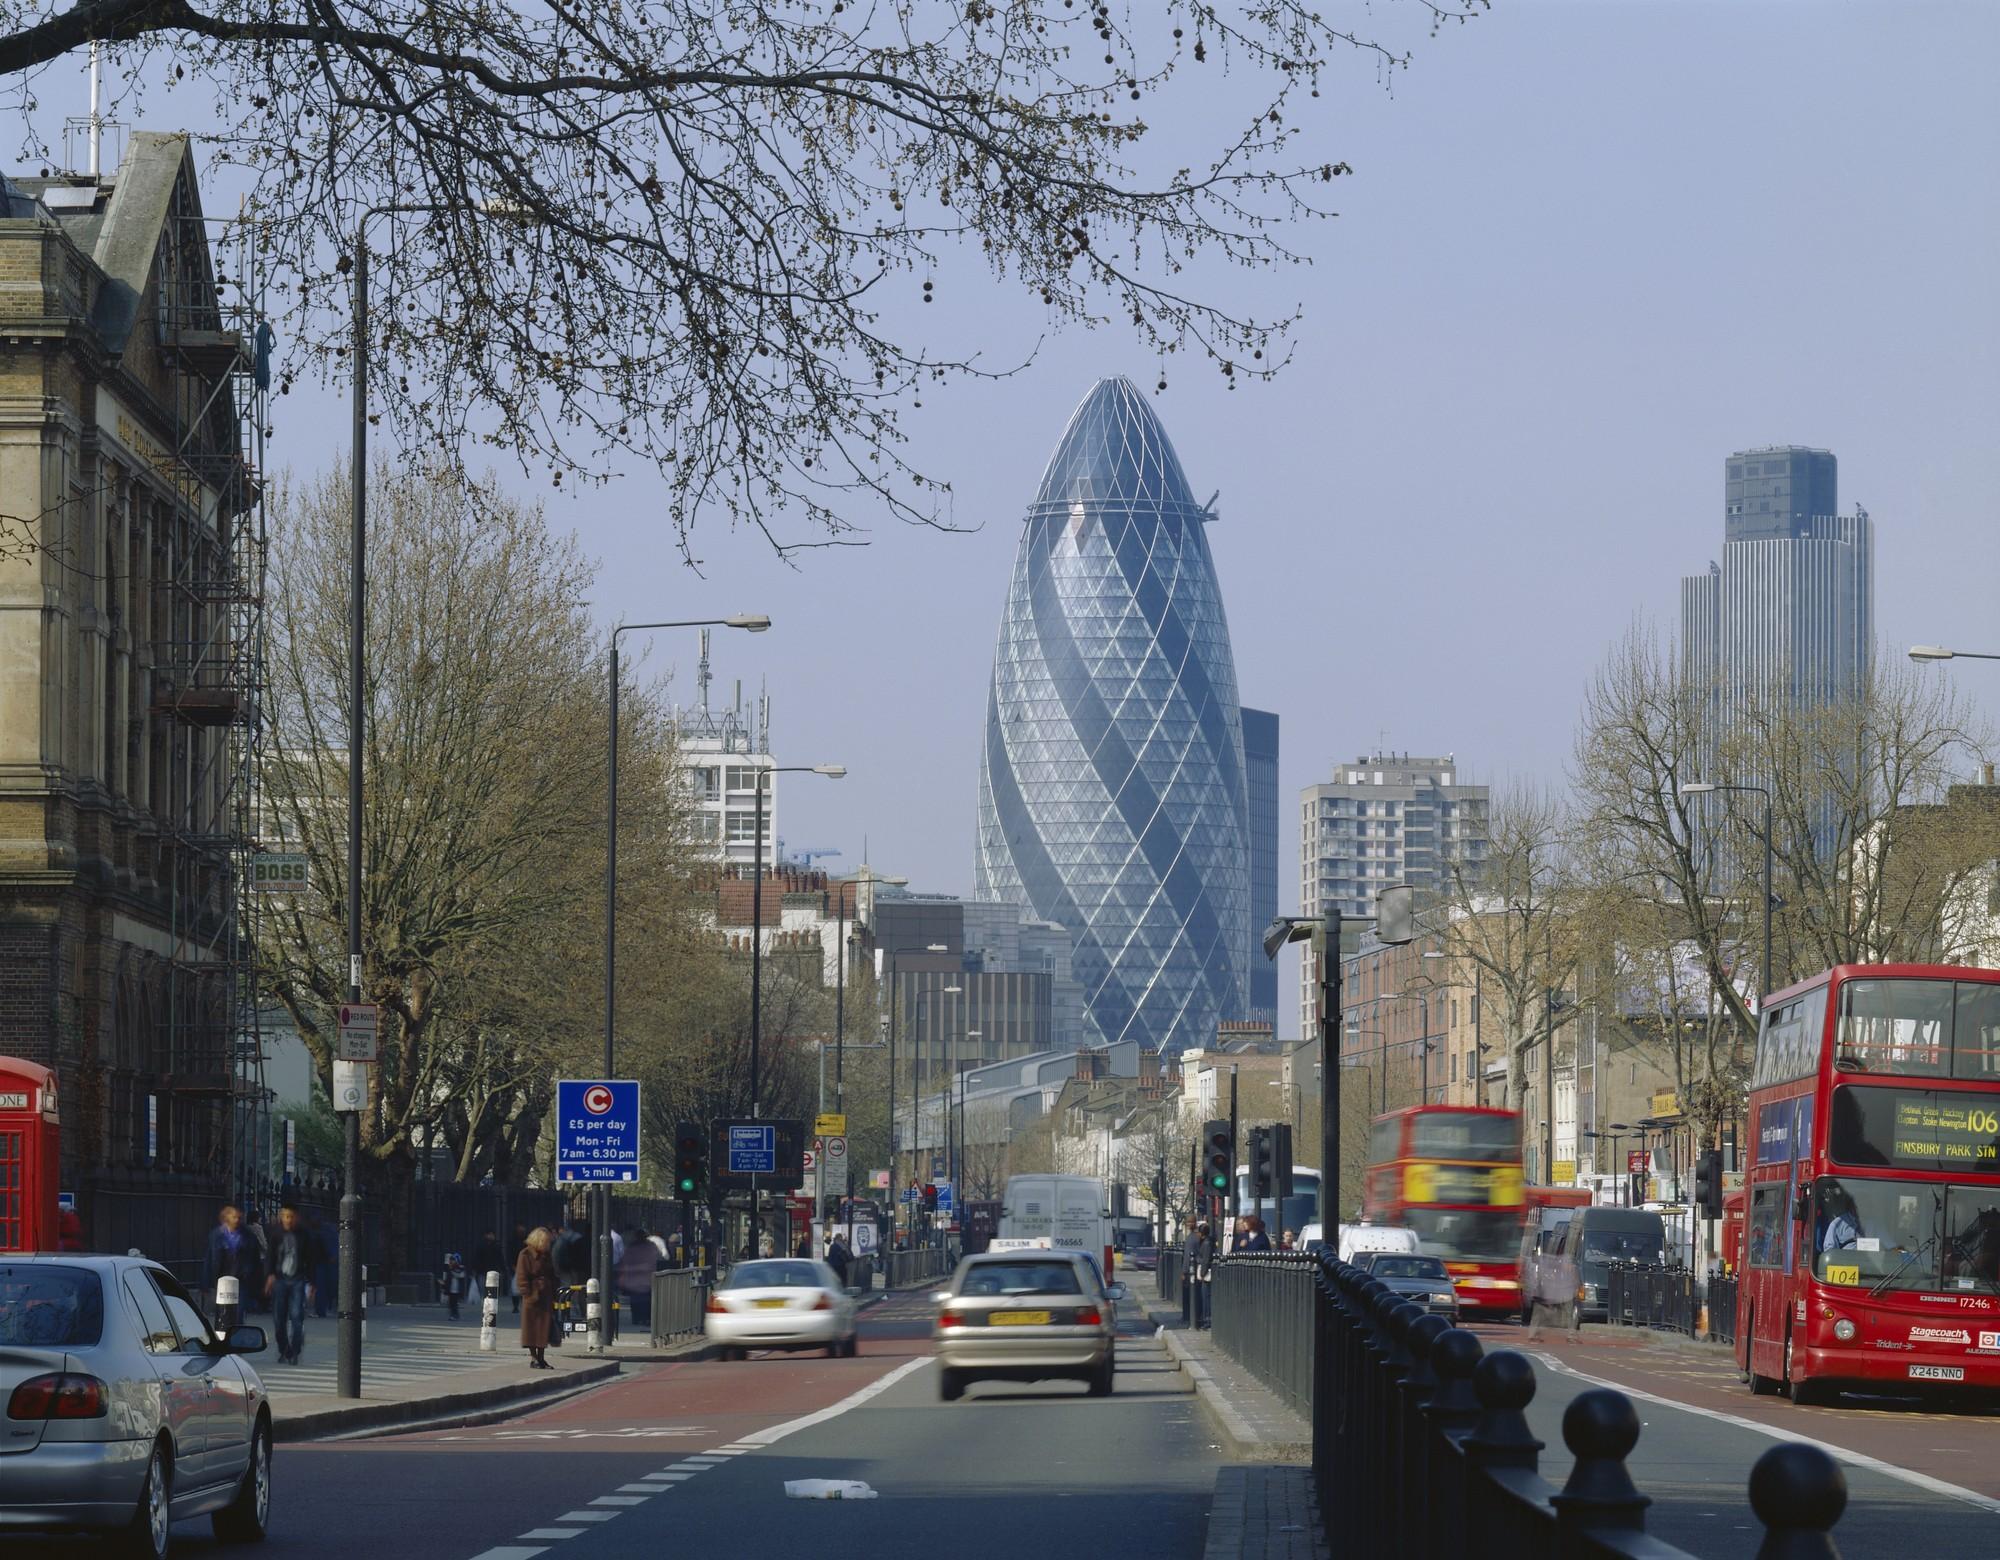 Одной из самых известных работ по проекту Фостера в стиле био-тек стал небоскреб в Лондоне, получивший из-за своего внешнего вида не самое благозвучное название — «Огурец». Однако именно такая ветрообтекаемая форма способствует температурной регуляции и циркуляции воздуха внутри здания, значительно снижая затраты электроэнергии